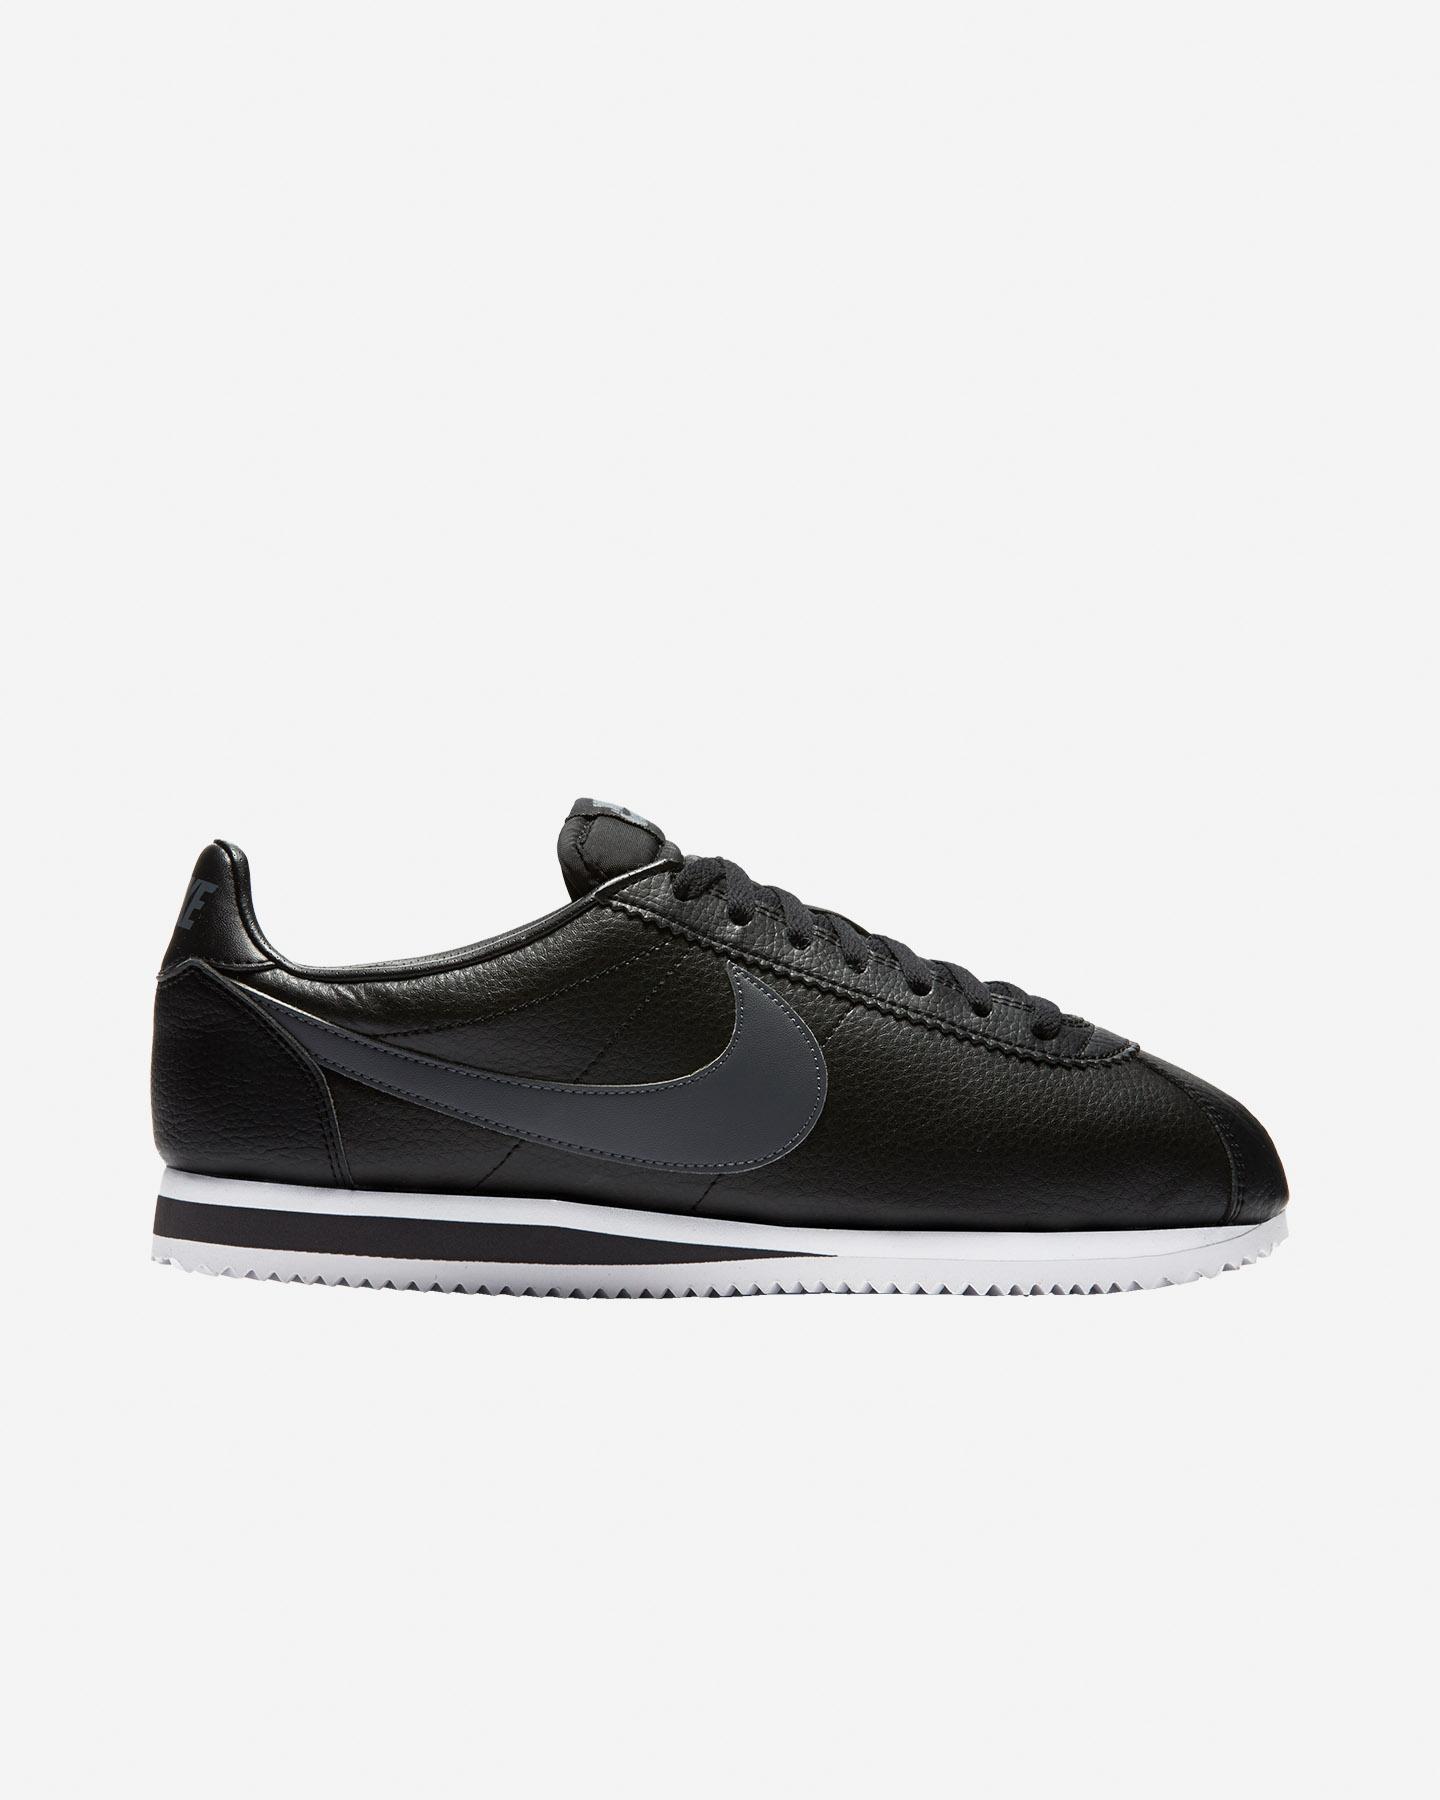 scarpe donna nike classic cortez